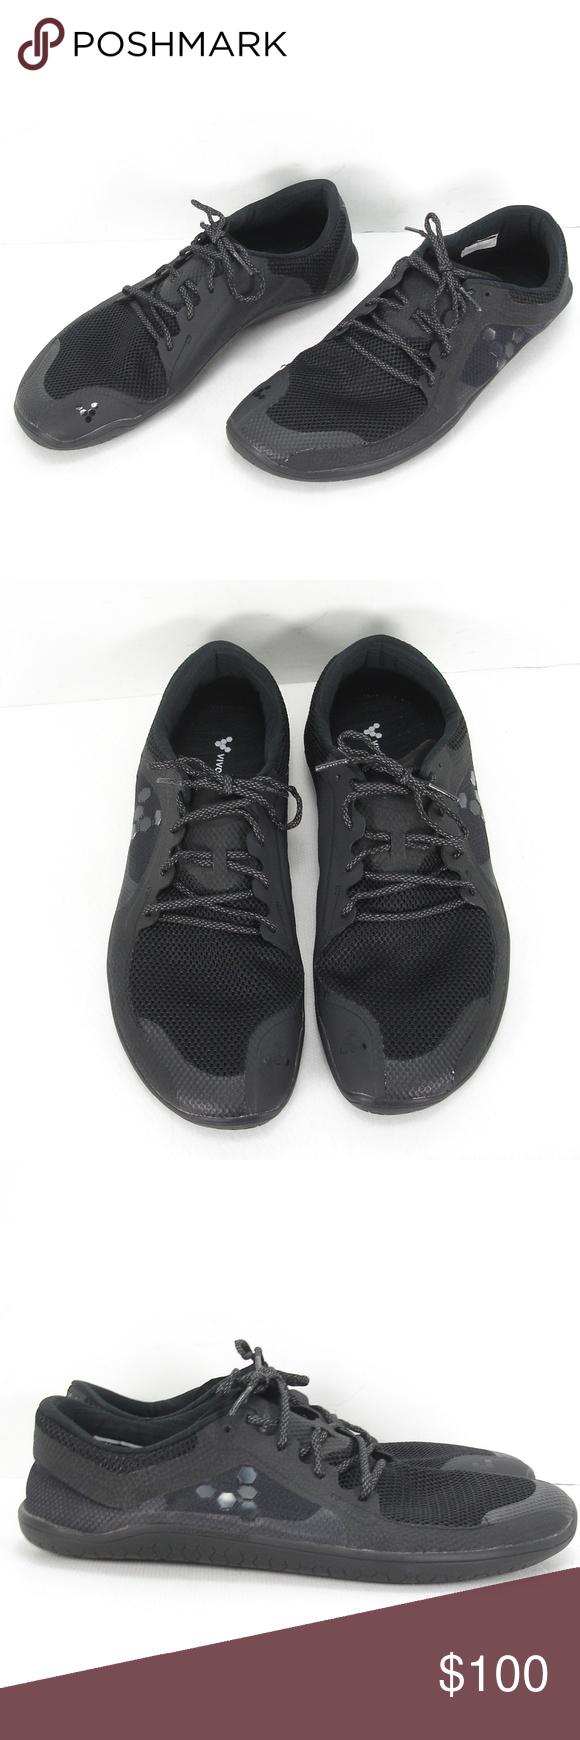 Vivobarefoot Primus Lite Black Spearmint Vegan Shoes